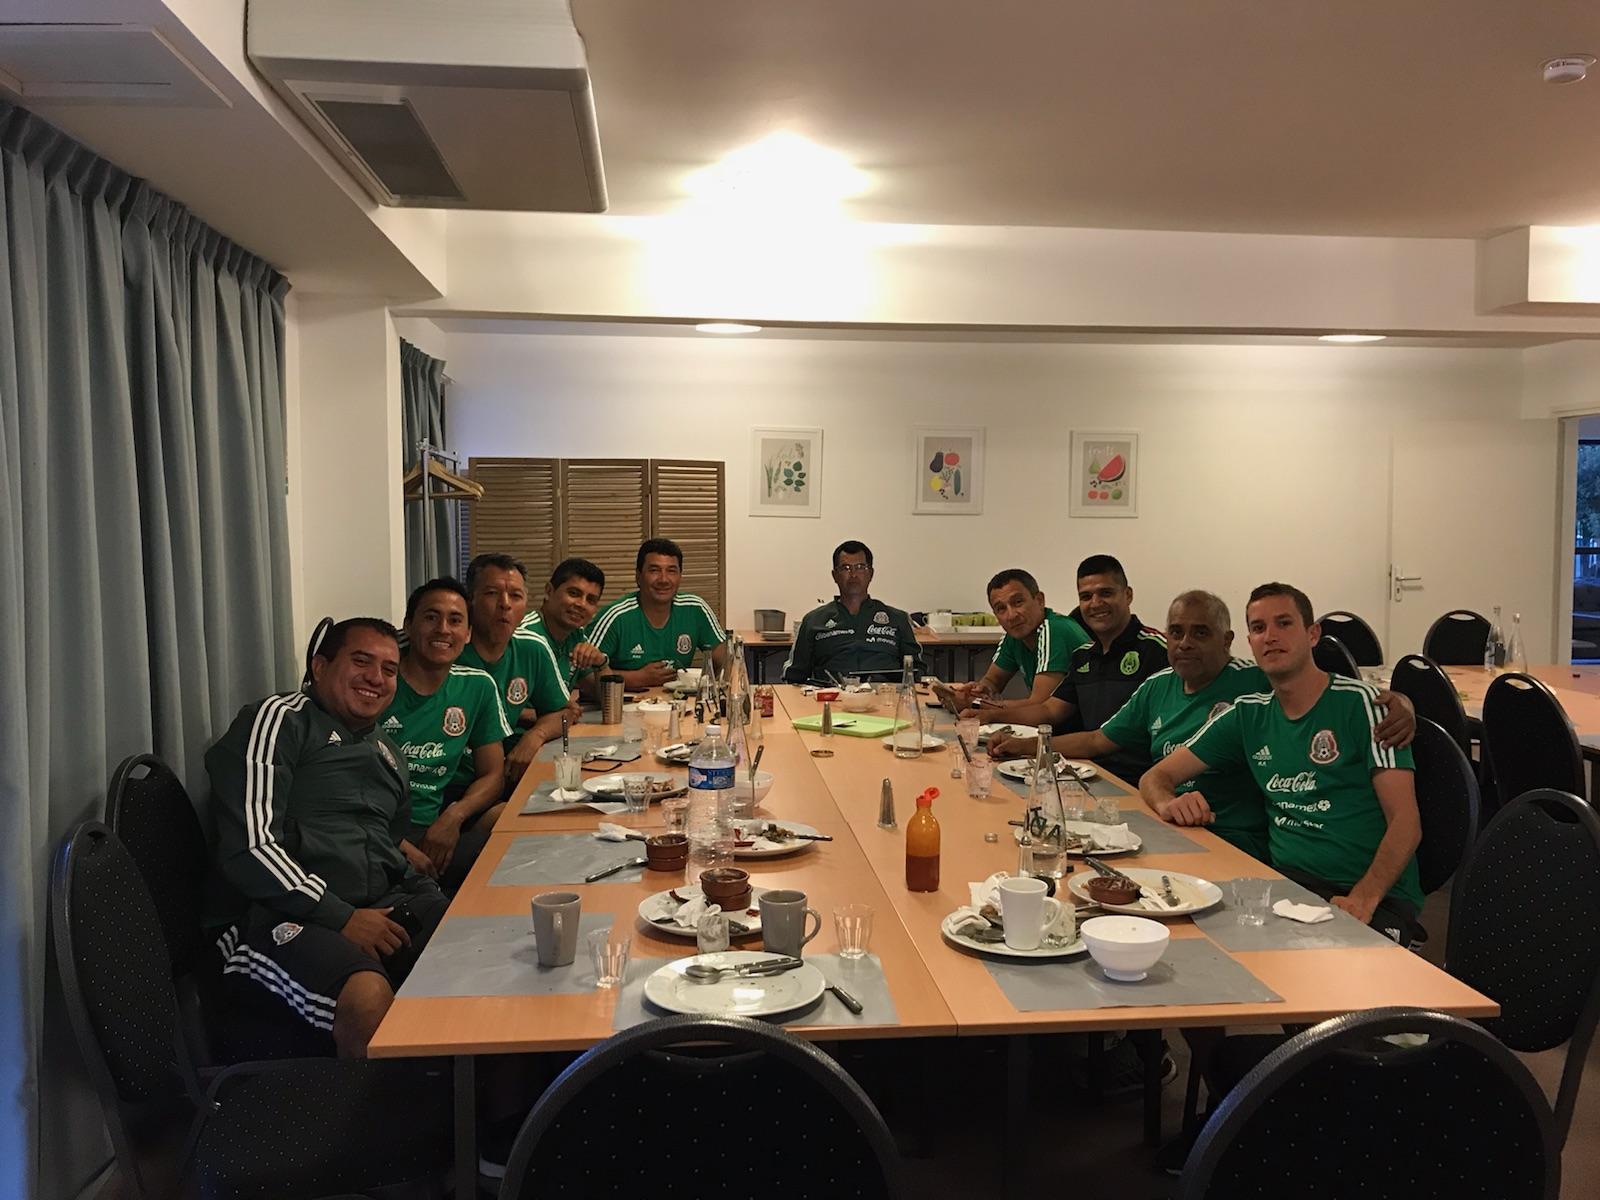 Carlos GOMEZ avec la sélection mexicaine.